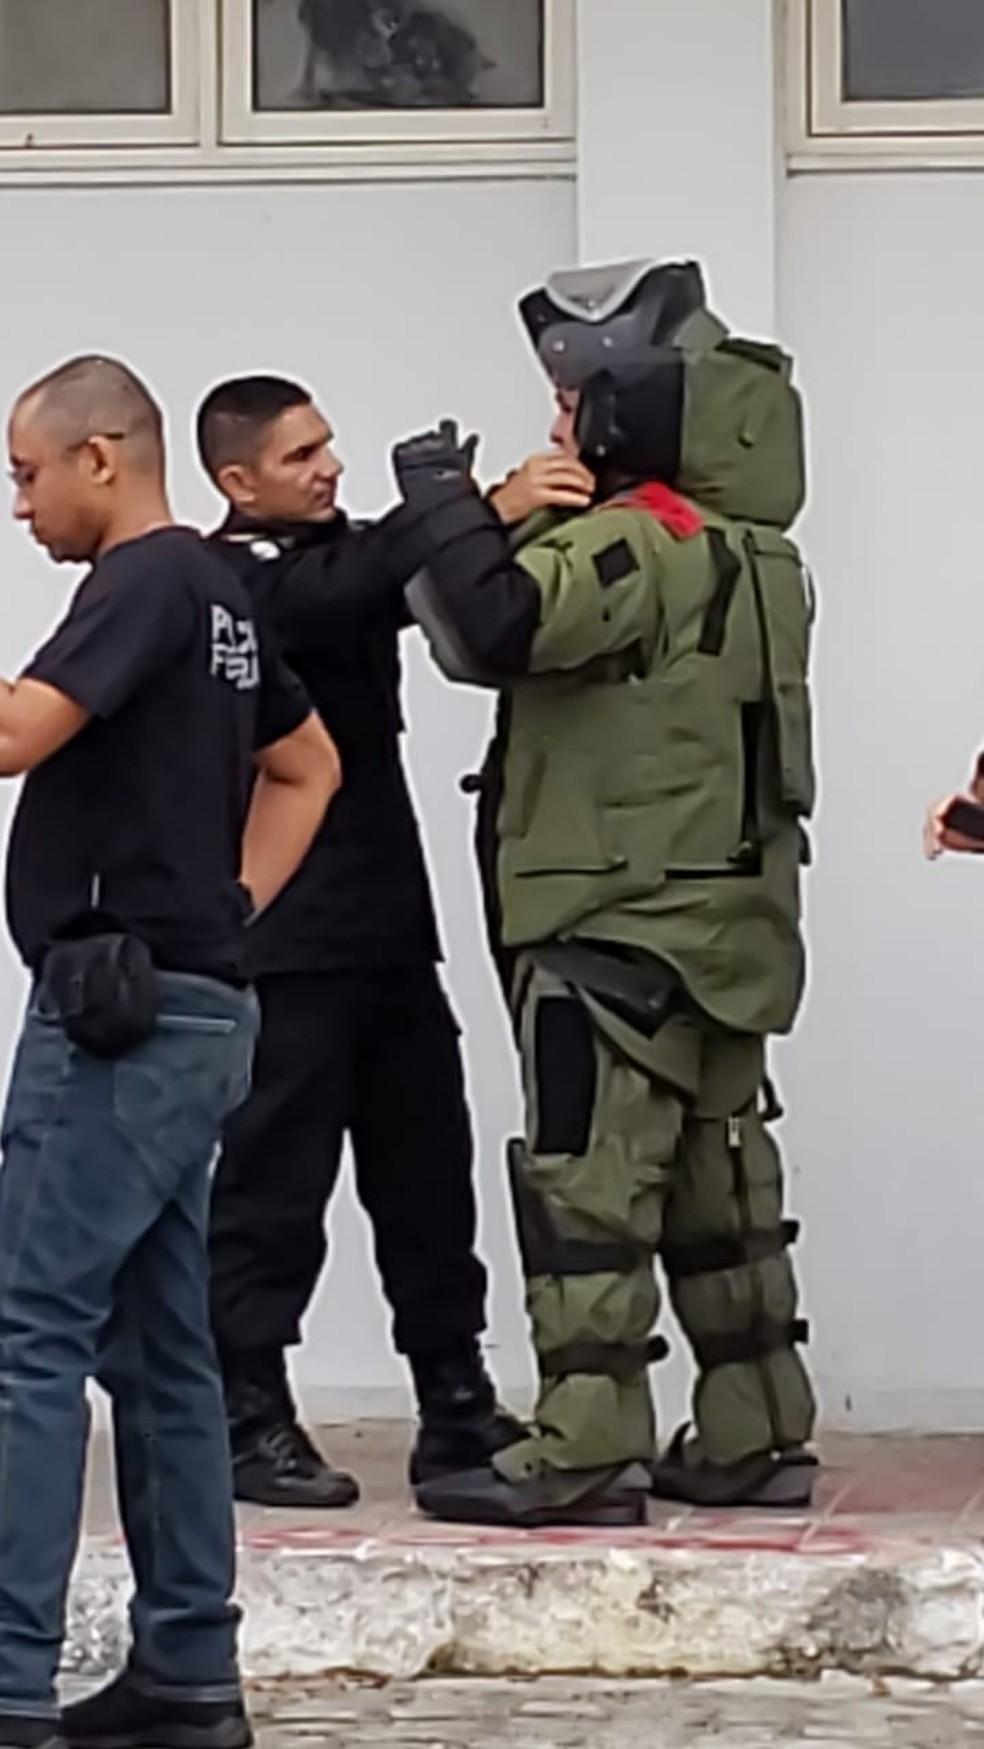 Policial usa roupas especiais para averiguar ameaça de bomba na UFRN — Foto: Pedro Paulo Cunha